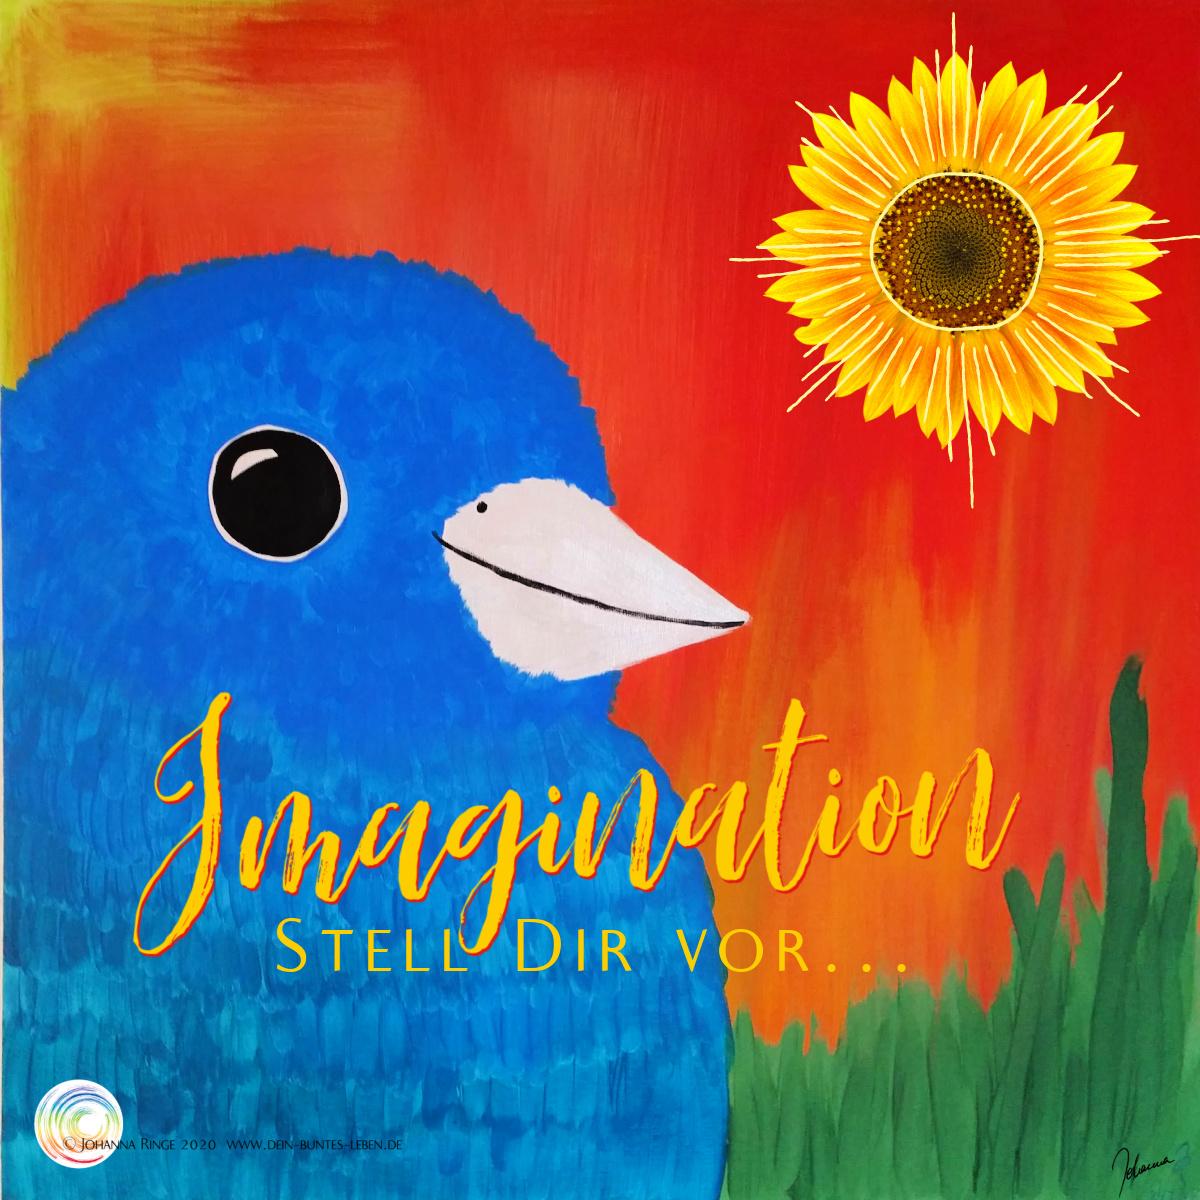 Imagination: Stell Dir vor.... (Text auf Acrylbild eines freundlichen blauen Vogels) ©2020 Johanna Ringe www.dein-buntes-leben.de